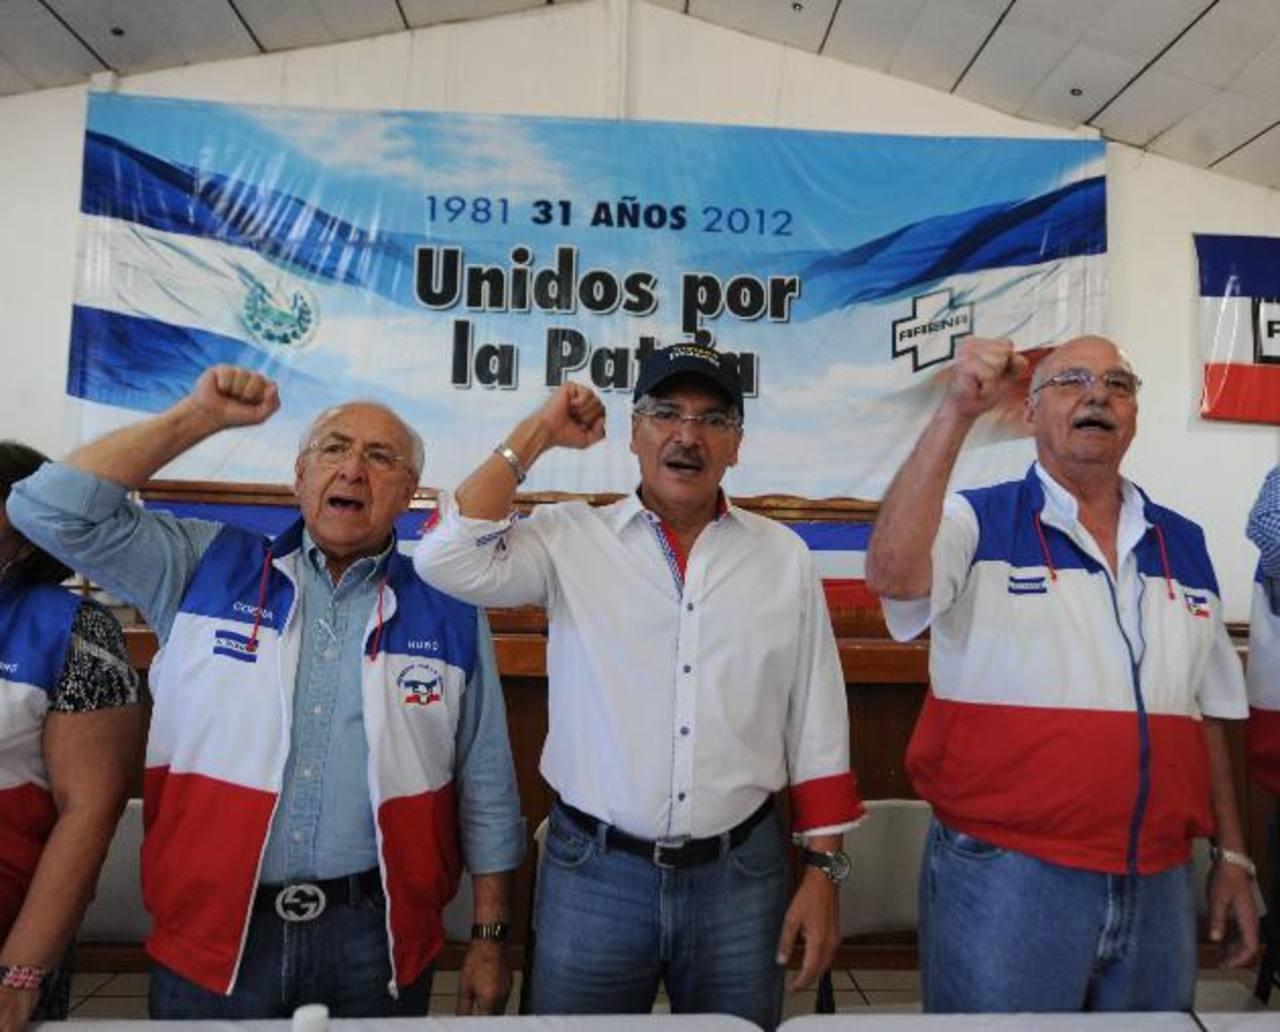 Hugo Barrera, Quijano y Cristiani durante cita. edh/lisete lemus